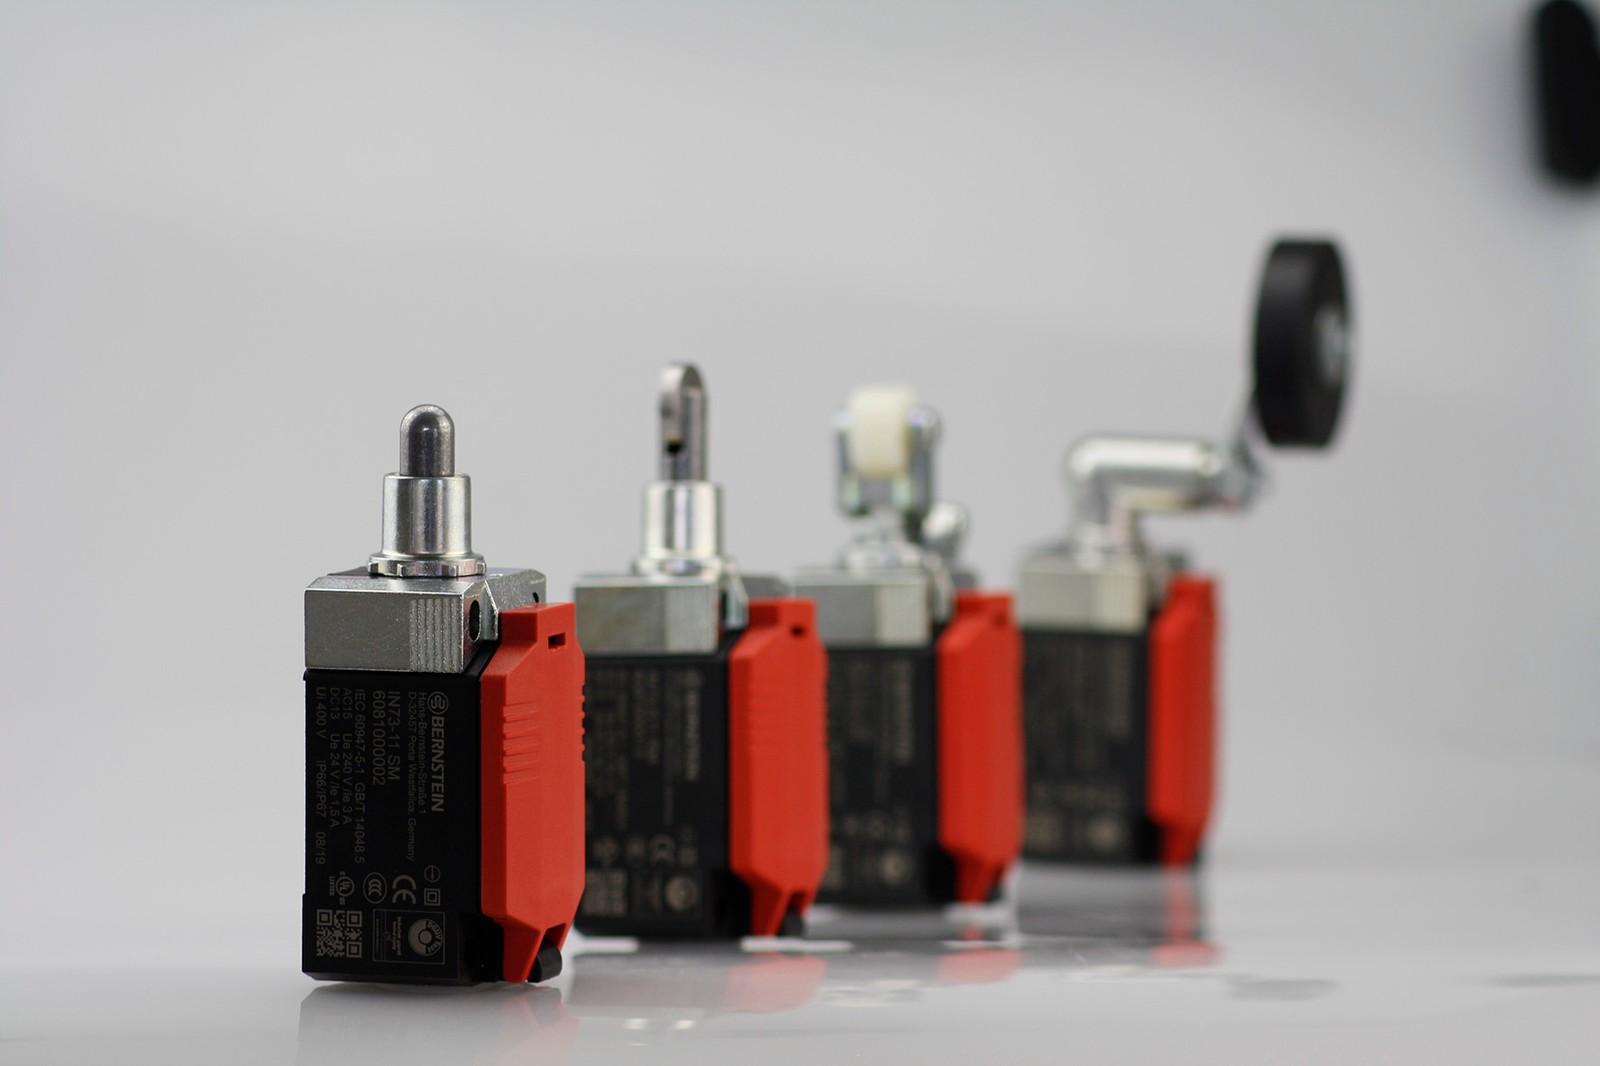 Neu von Bernstein: Der Positionsschalter IN73 ist mit einer Auswahl an Betätigern erhältlich, die sich werkzeuglos drehen und wechseln lassen.